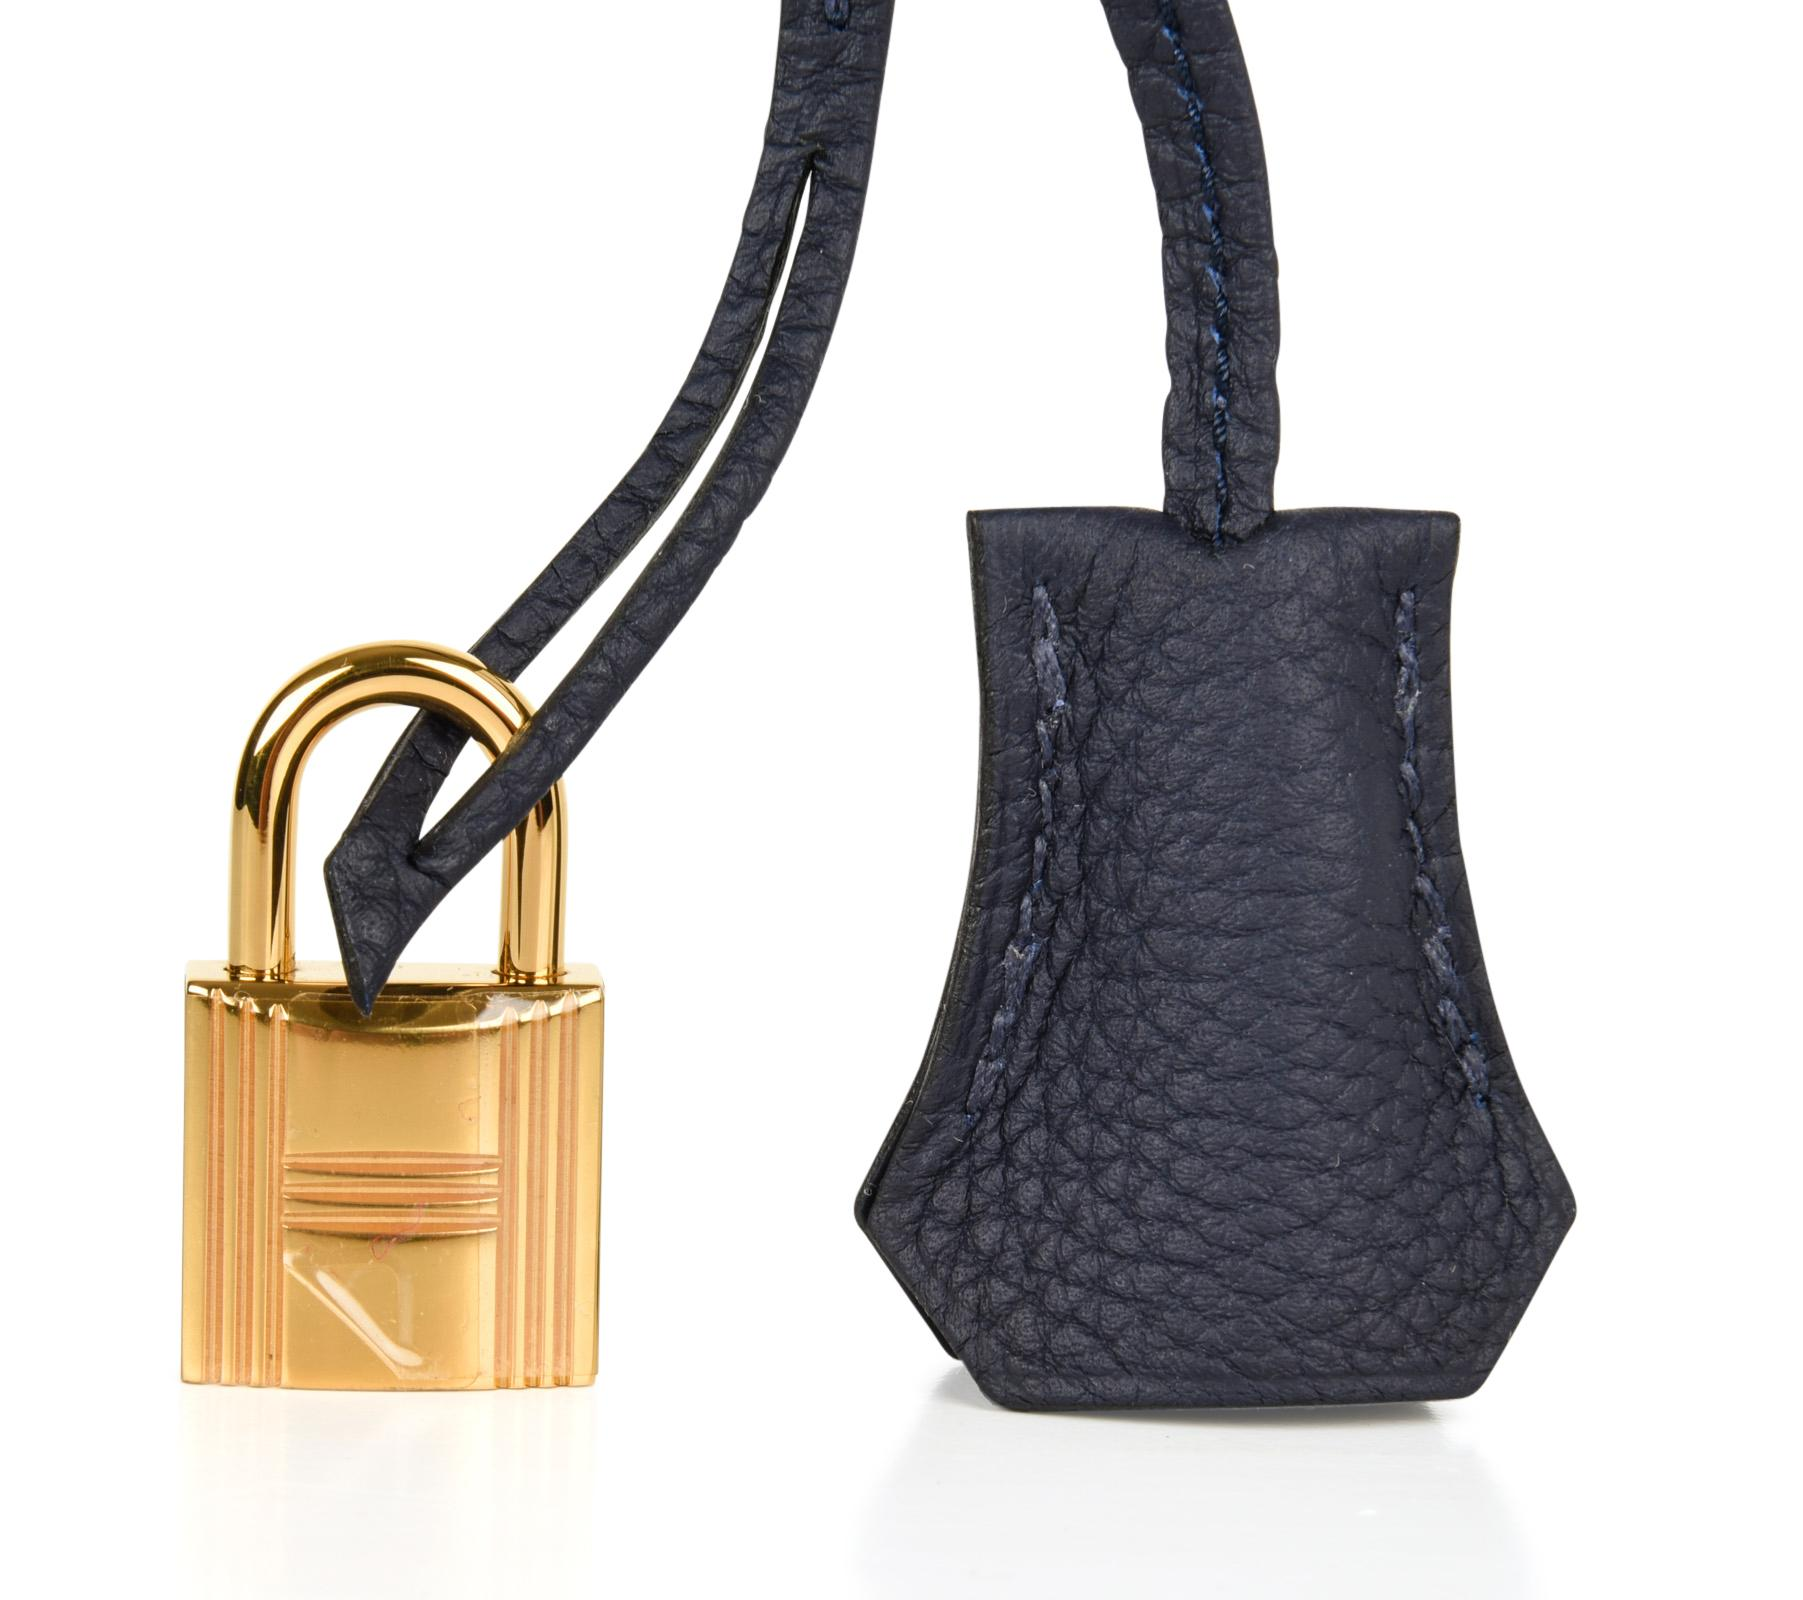 82814b6e826c Hermes Birkin 30 Bag Blue Nuit Gold Hardware Togo Leather at 1stdibs